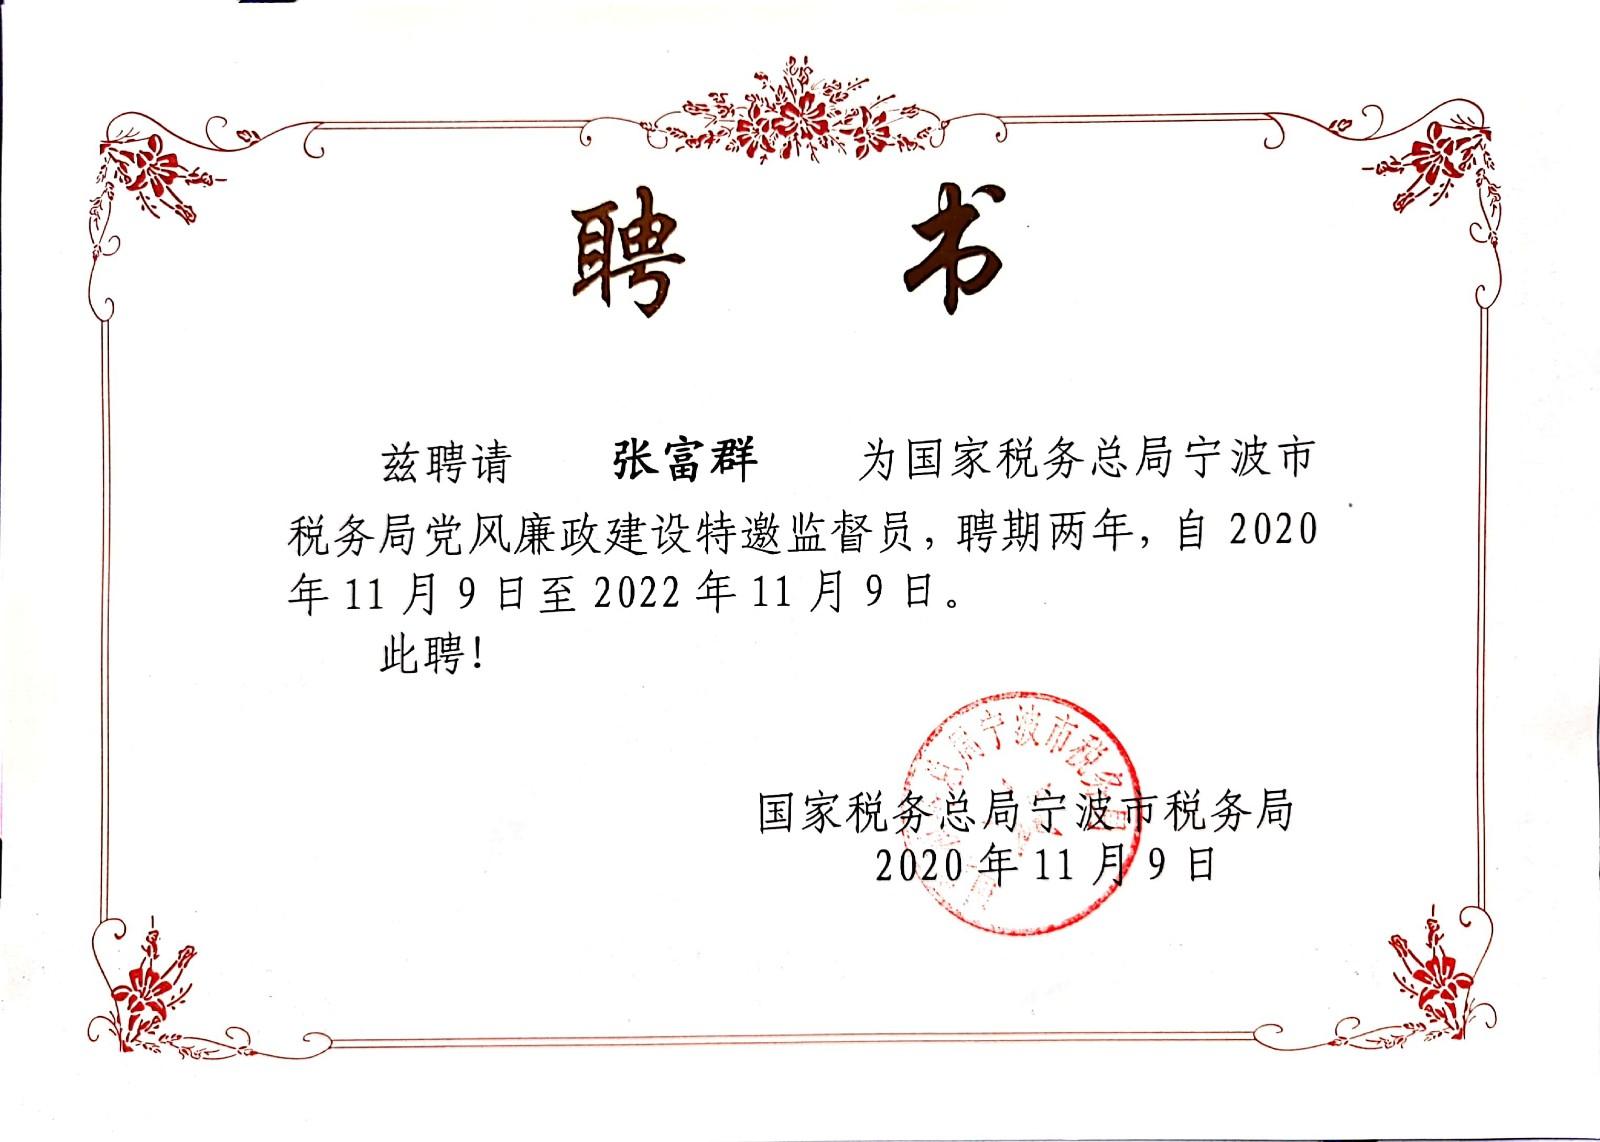 我司总经理被聘为宁波市税务局党风廉政建设特邀监督员